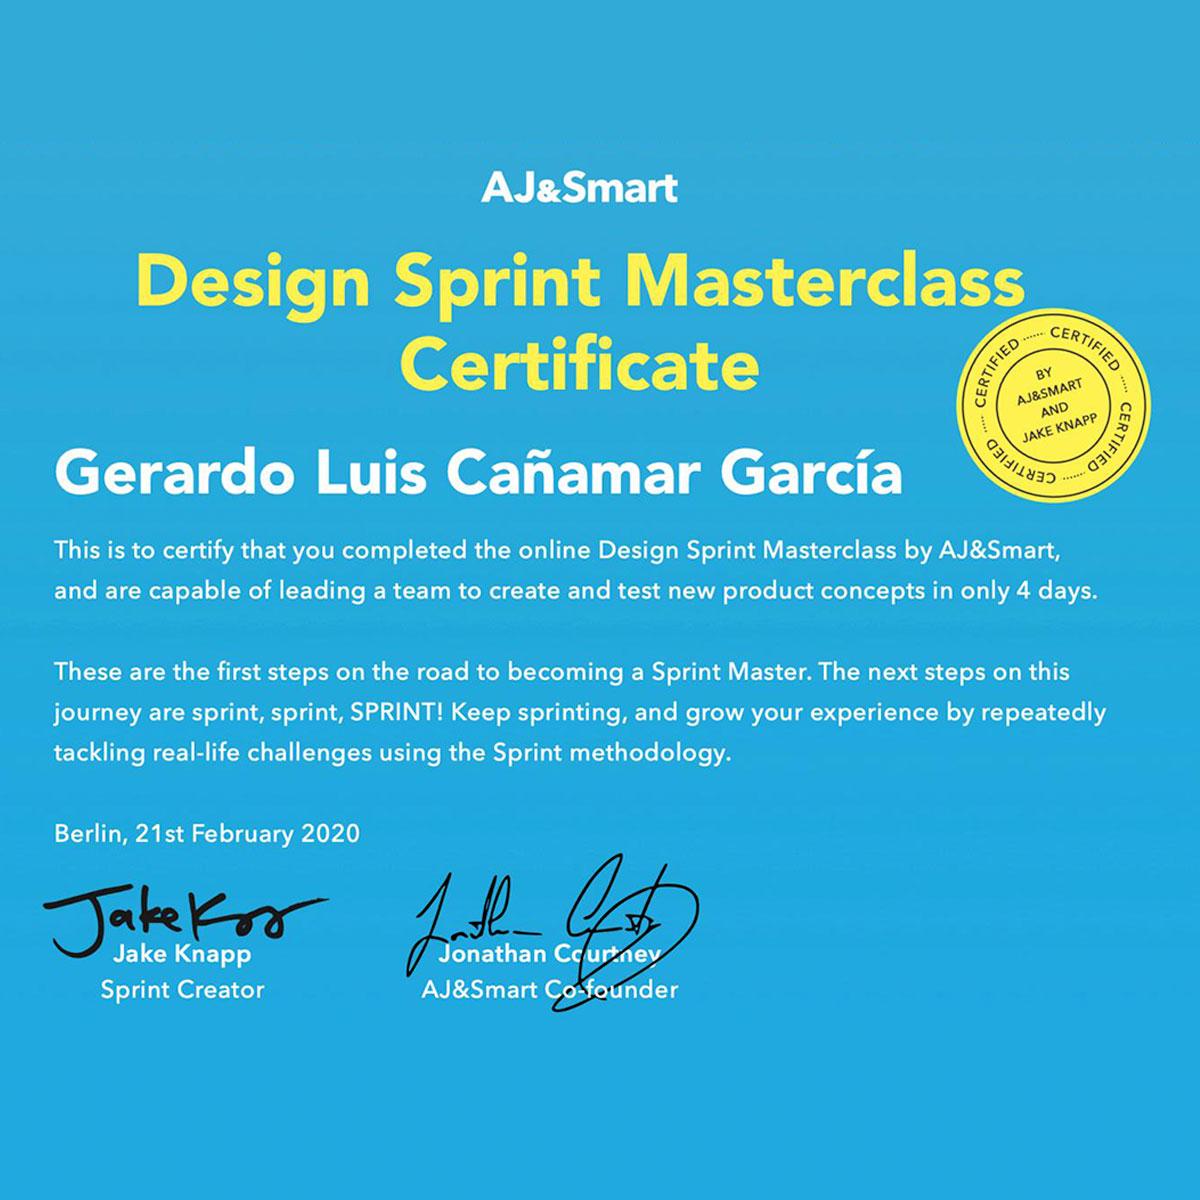 Astrolab: Certificación de Design Sprint — AJ&Smart